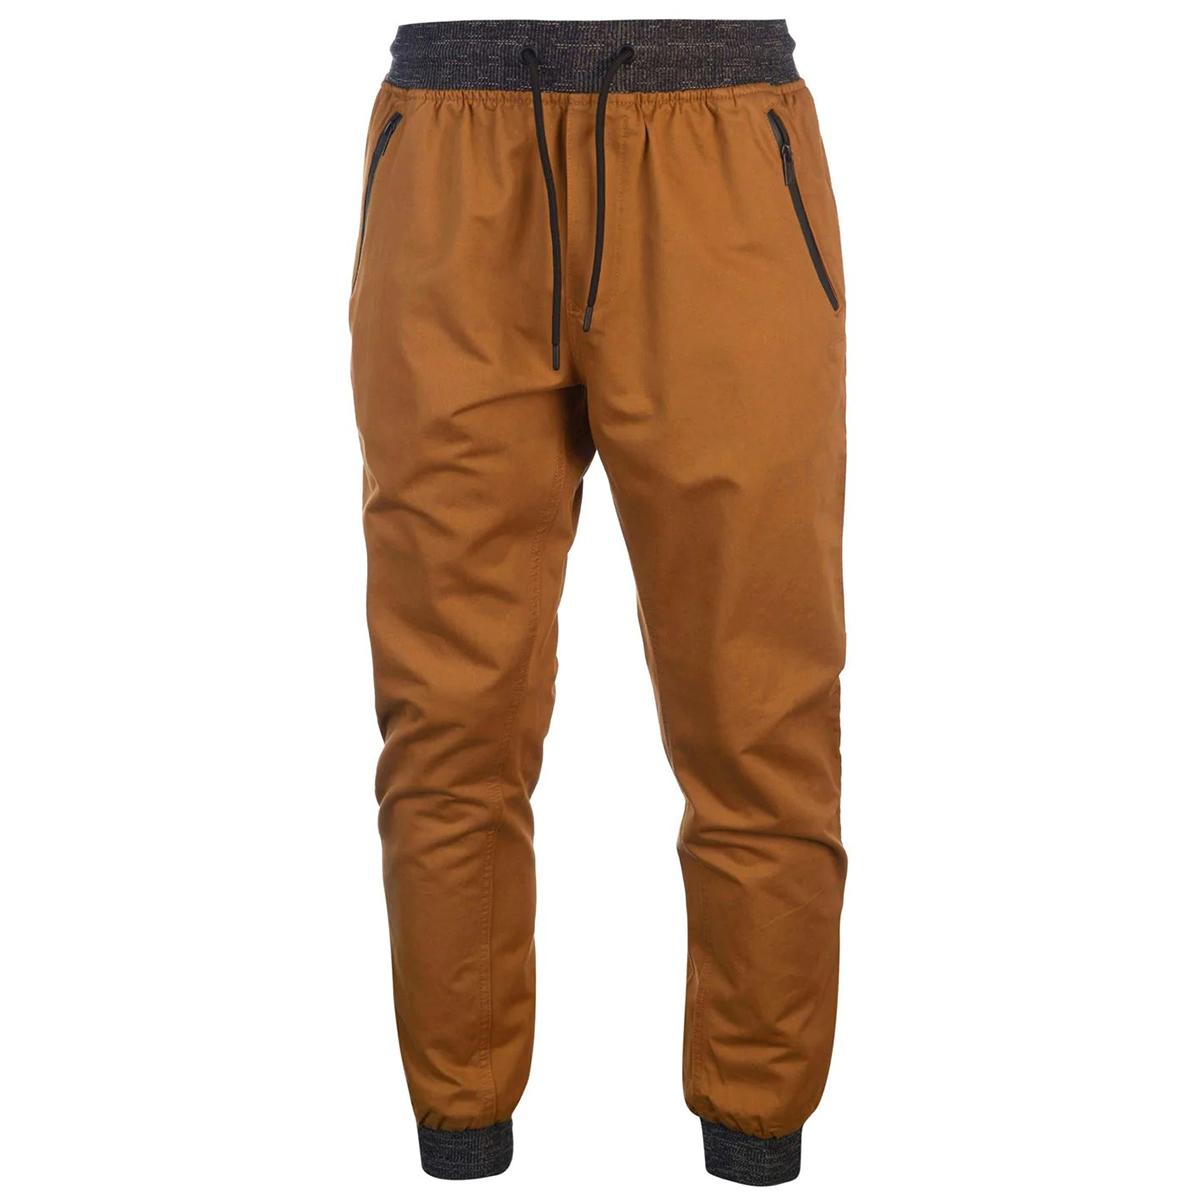 No Fear Men's Ribbed Waist Chino Pants - Various Patterns, 3XL